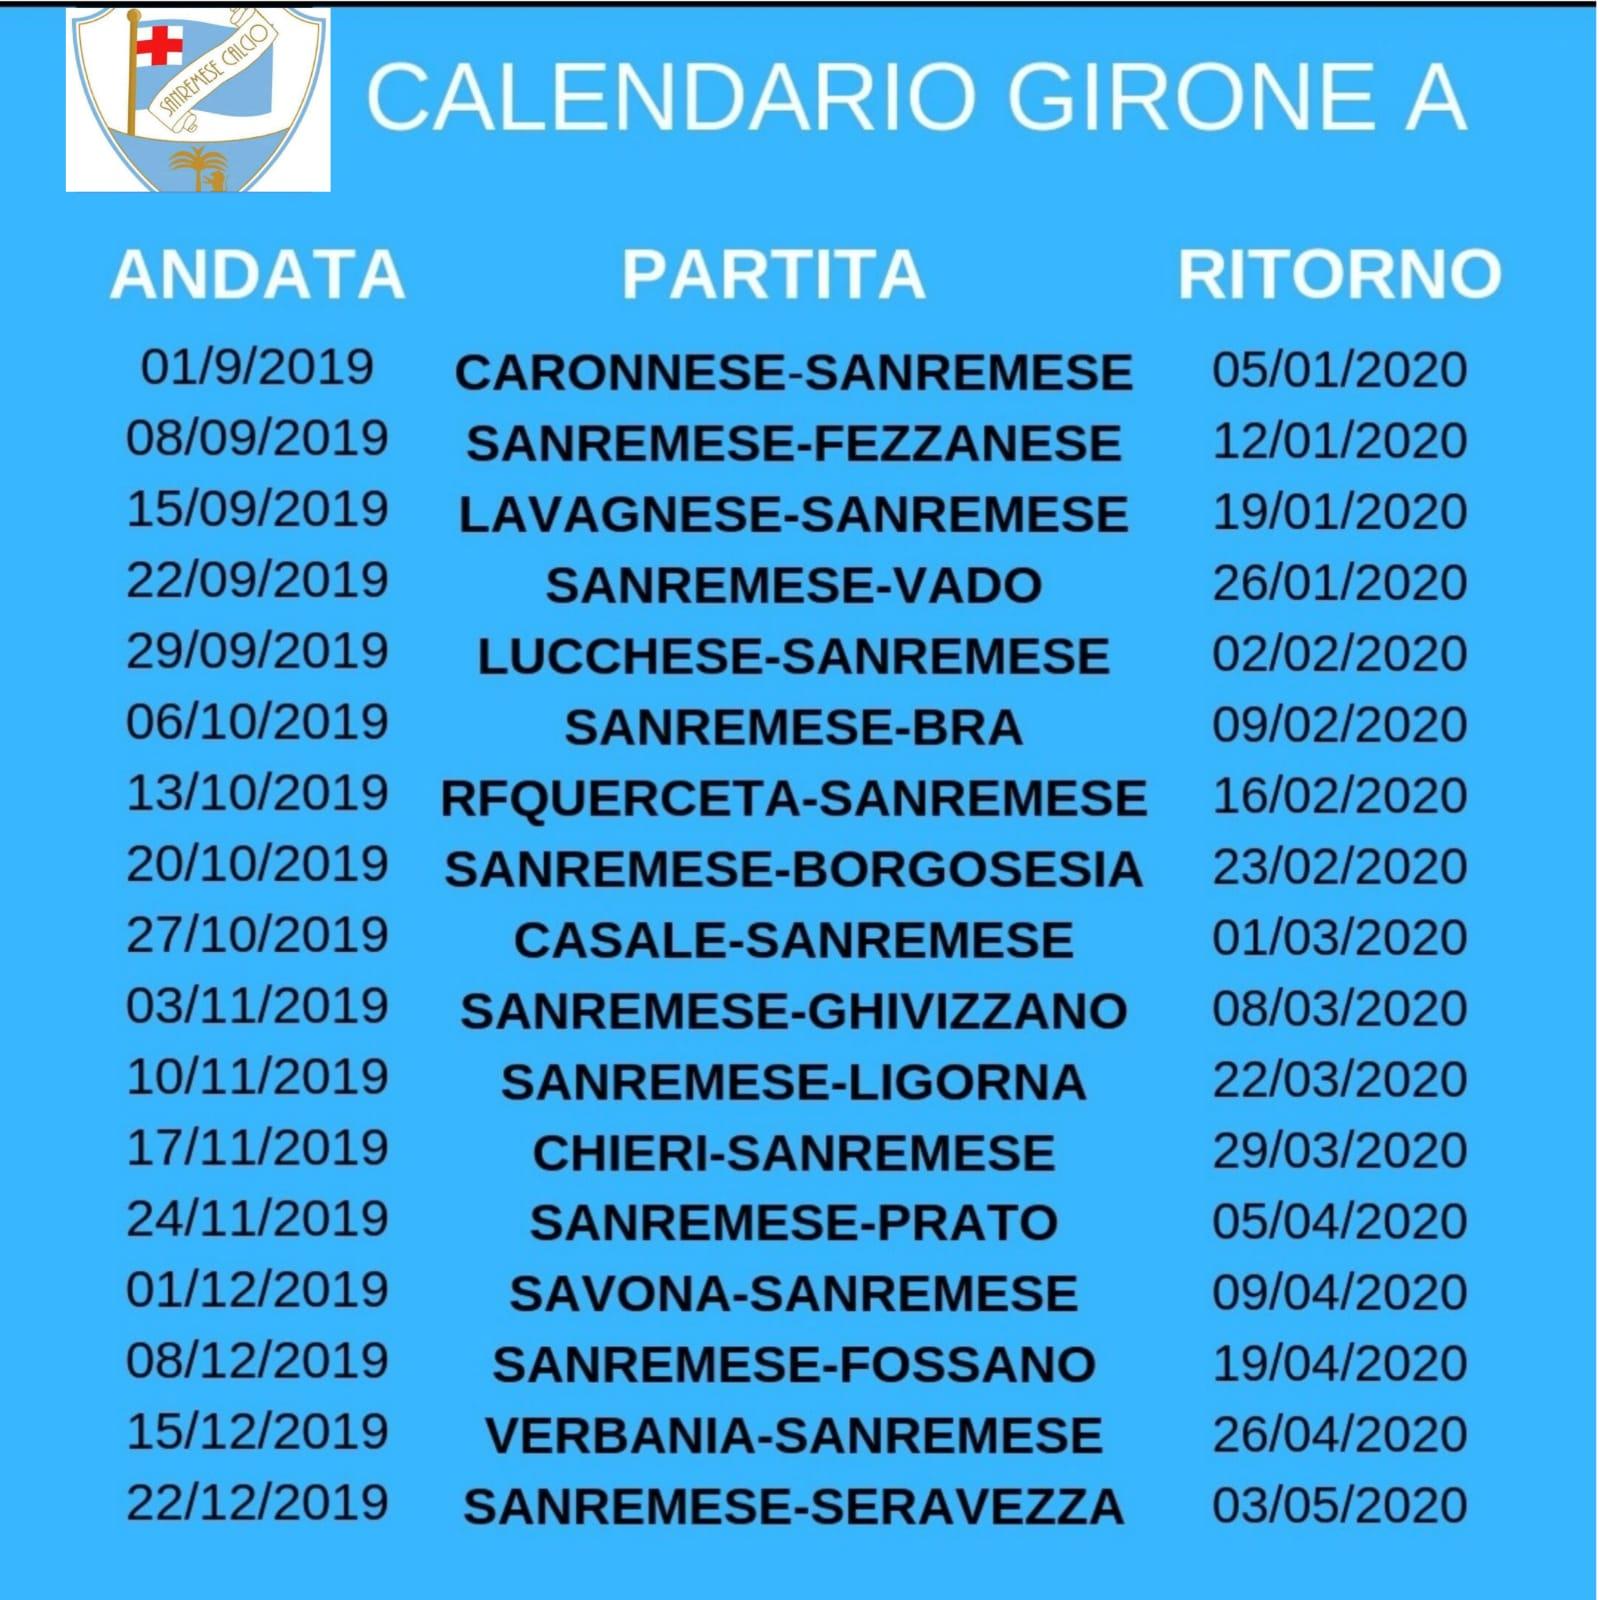 Calendario Vaccini 2020.Serie D Calendario Della Stagione 2019 2020 La Sanremese